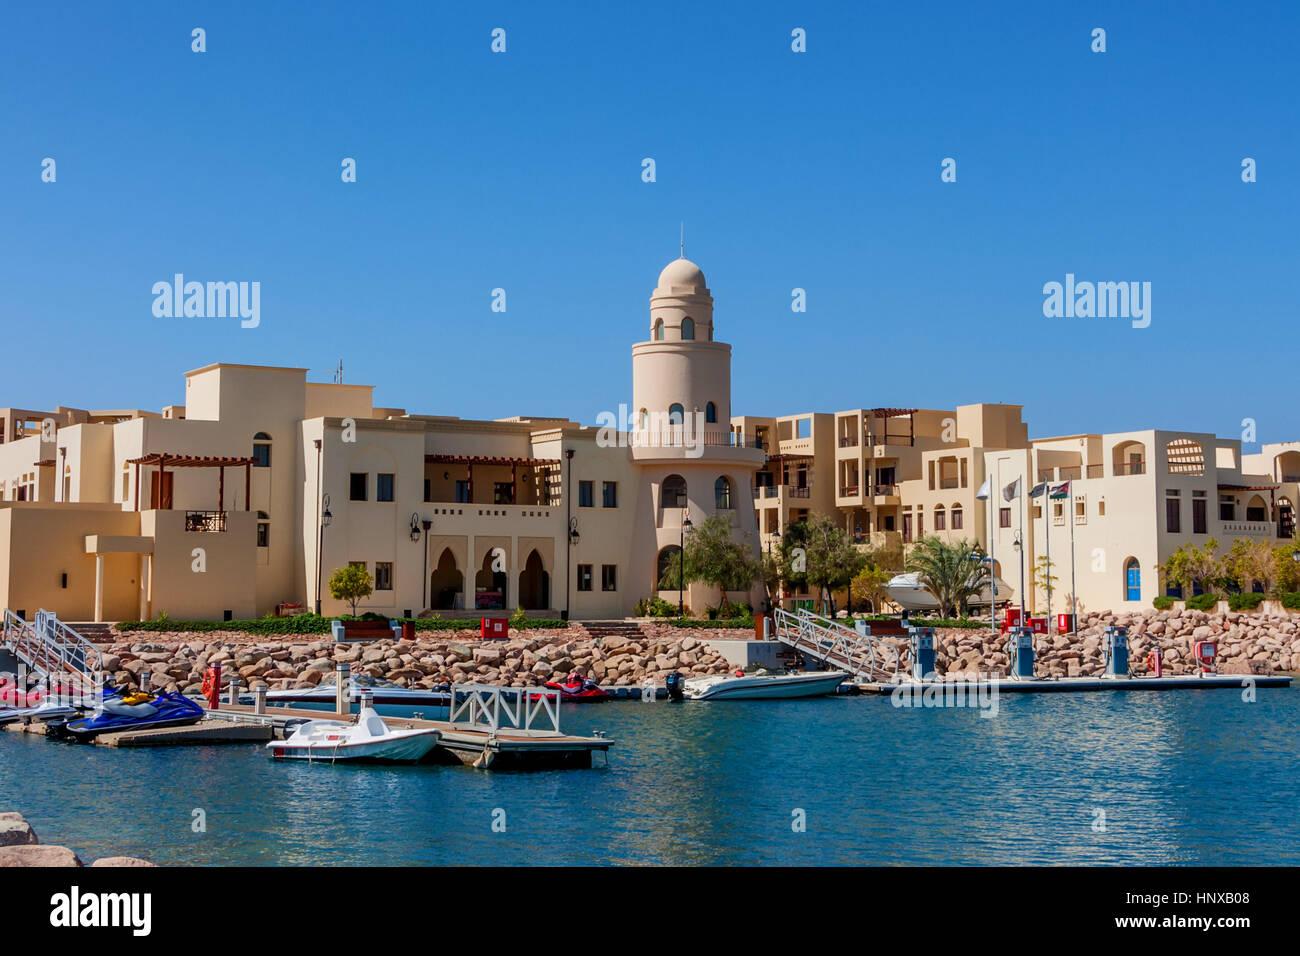 Barcos en Tala Bay, Aqaba, Jordania Imagen De Stock